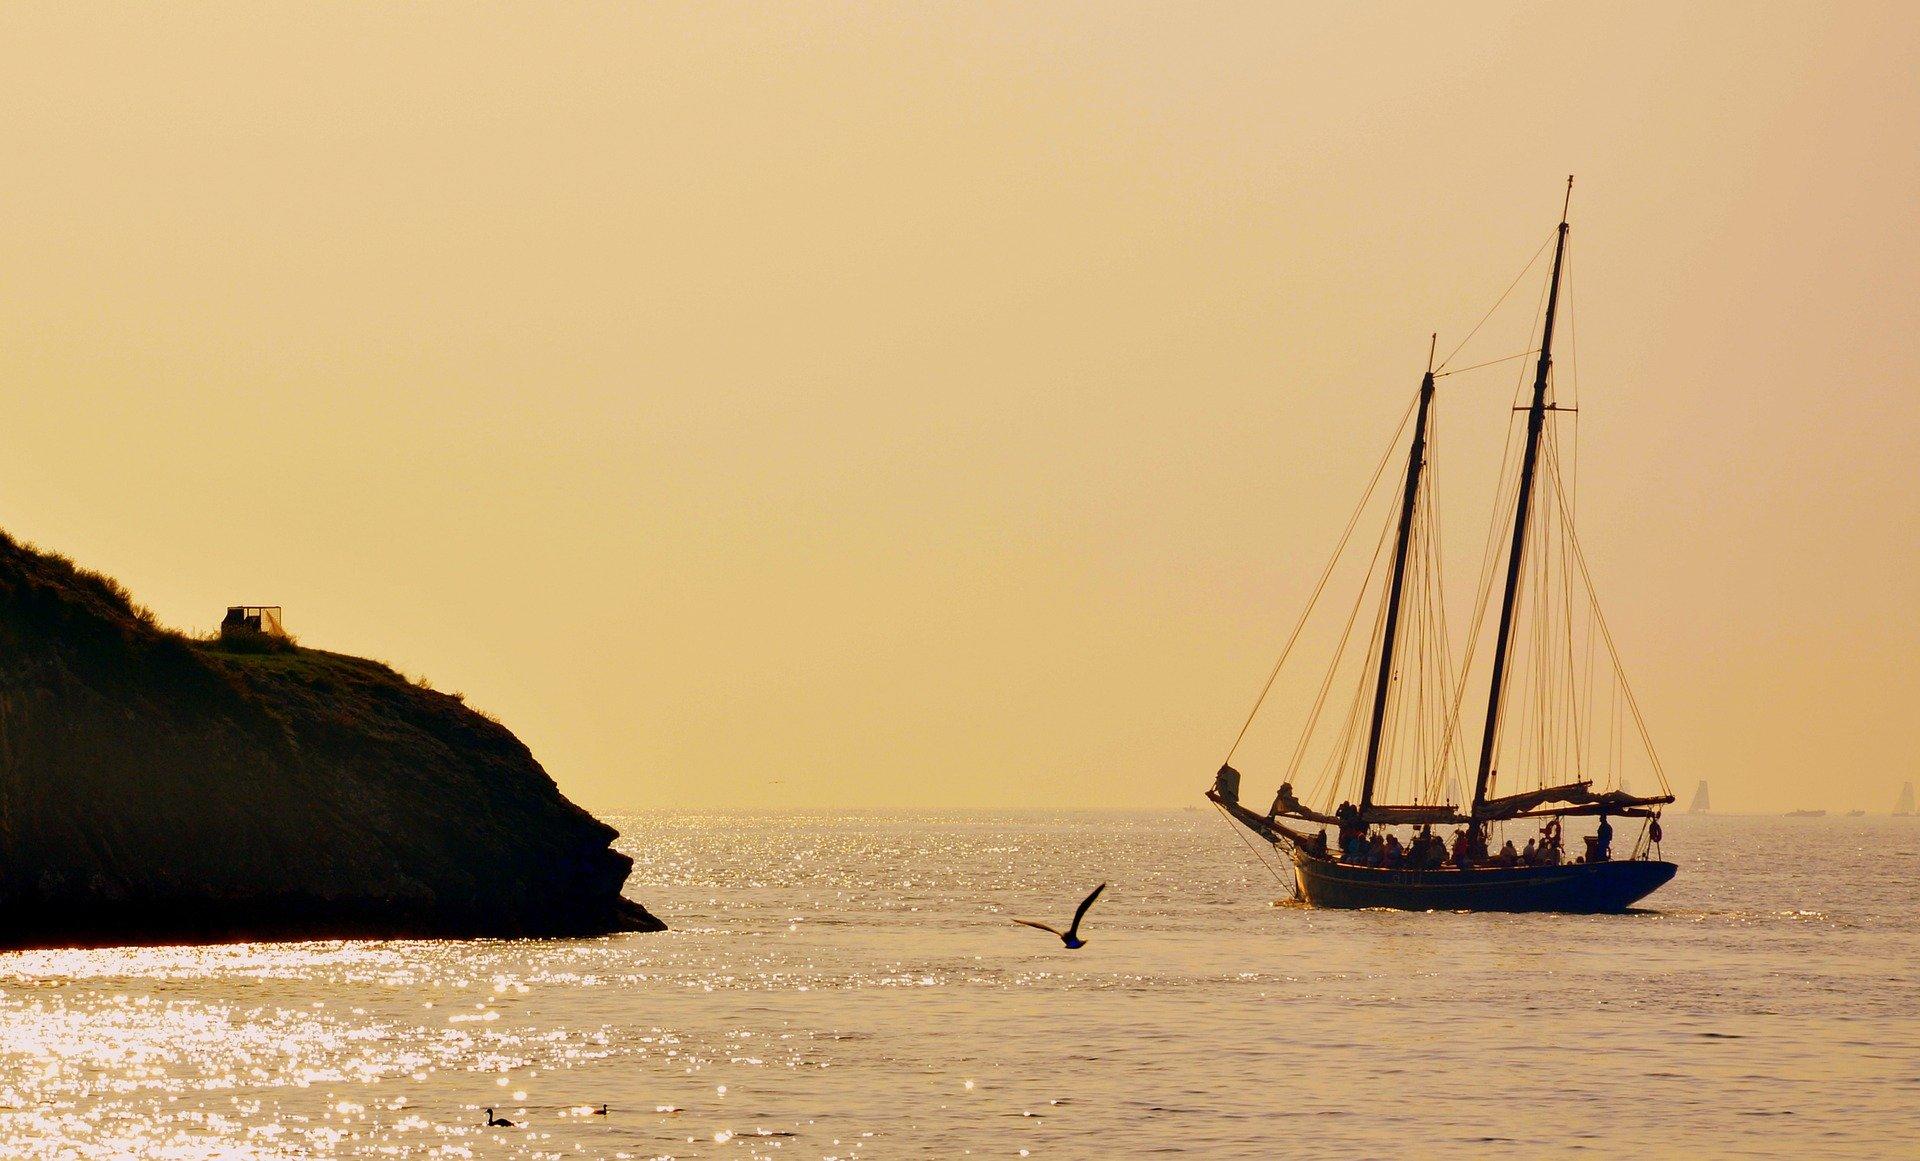 Cosa fare sul lago di Garda come alternativa al kitesurf?